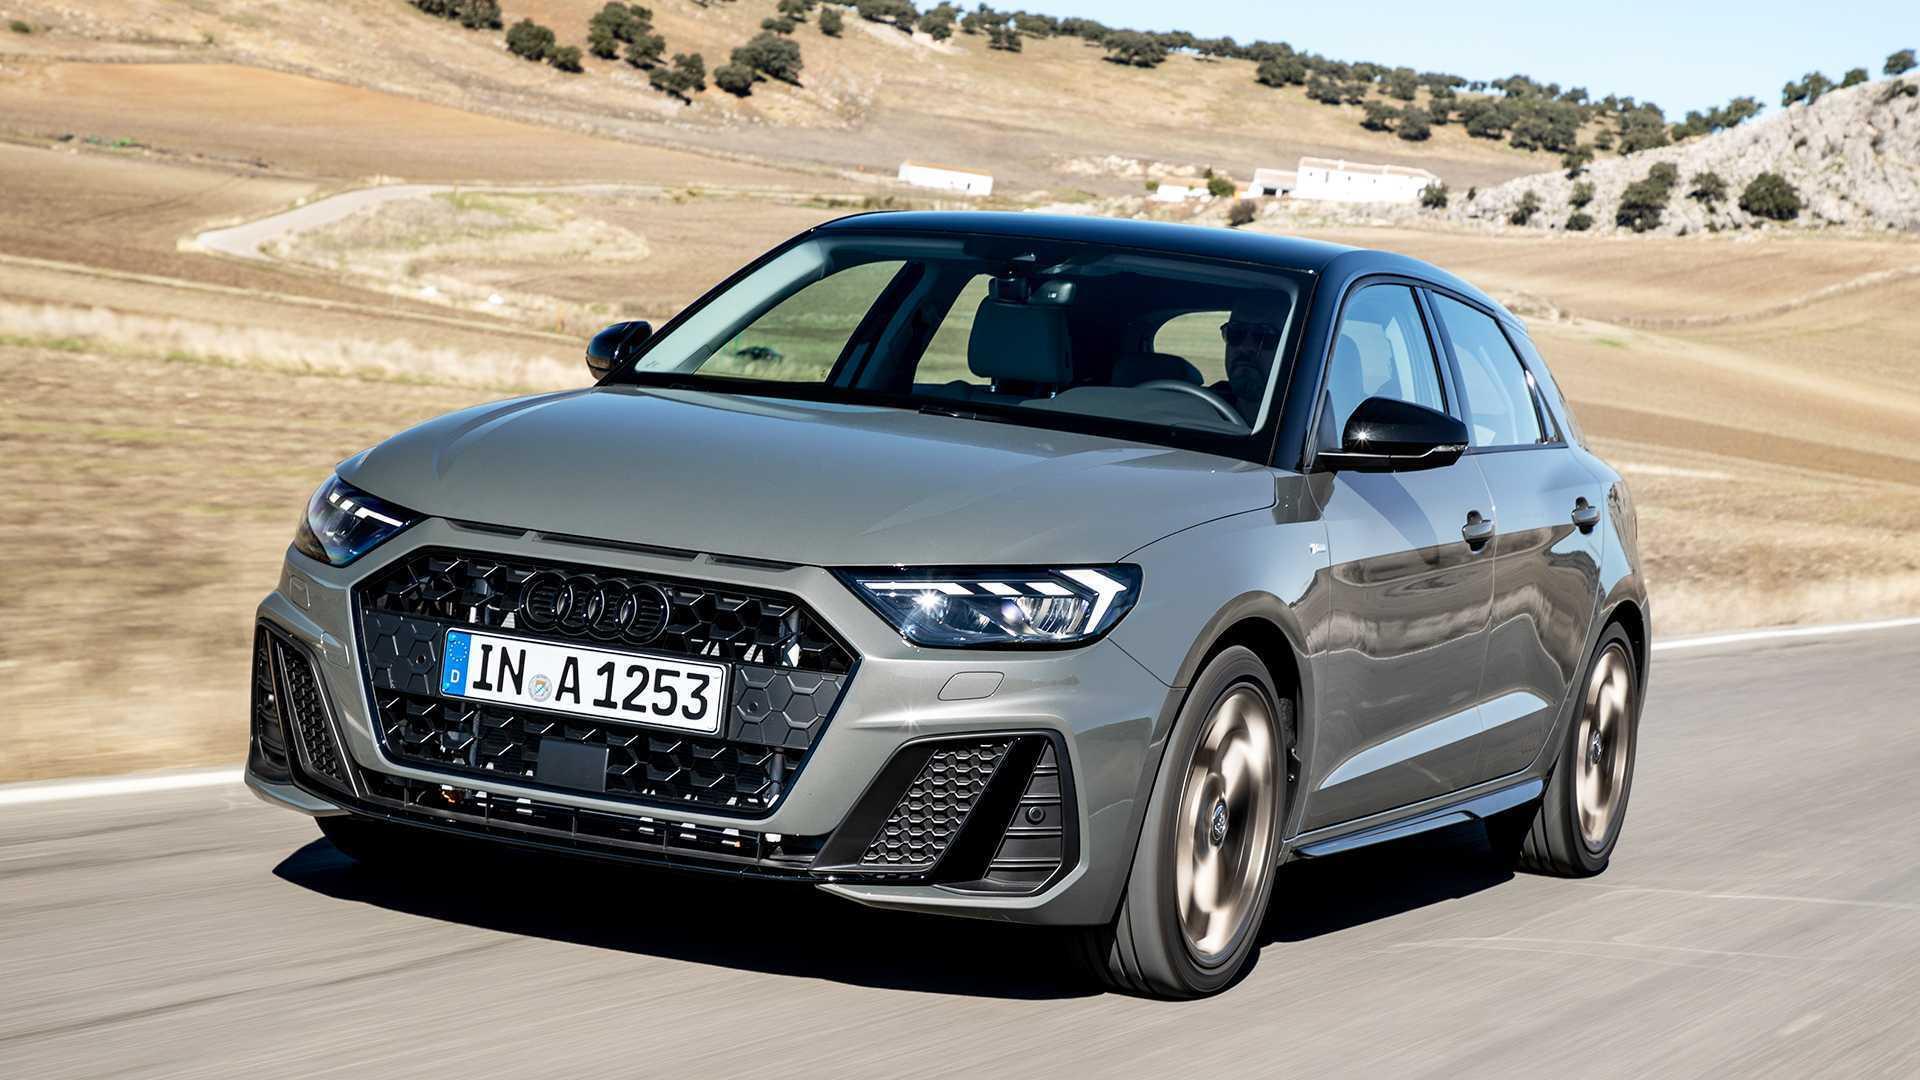 Летом поклонники марки Audi получат возможность заказать A1 Sportback 40 TFSI увеличенной мощности